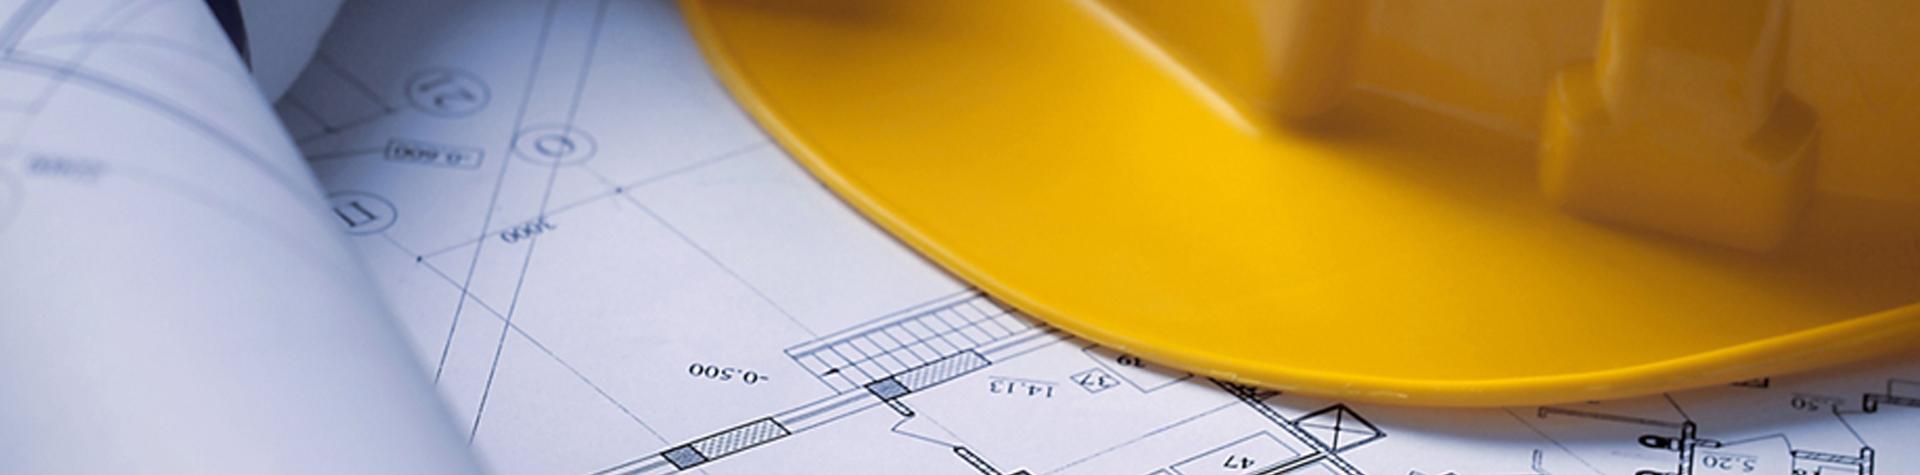 BSc Construction (Site Management) | UCC University Centre Colchester